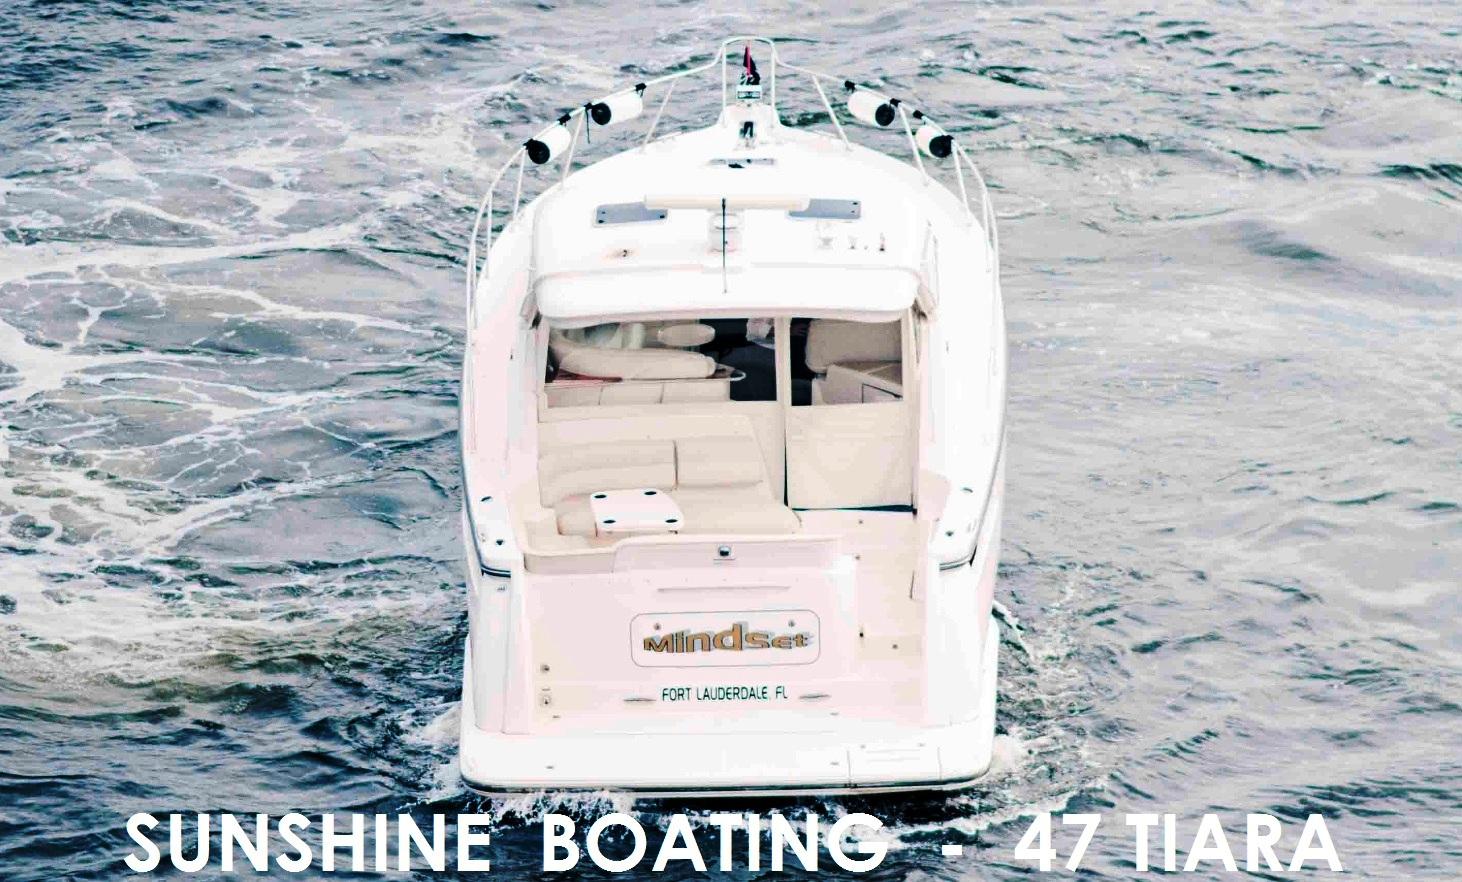 sunshine-boating-47-tiara-7